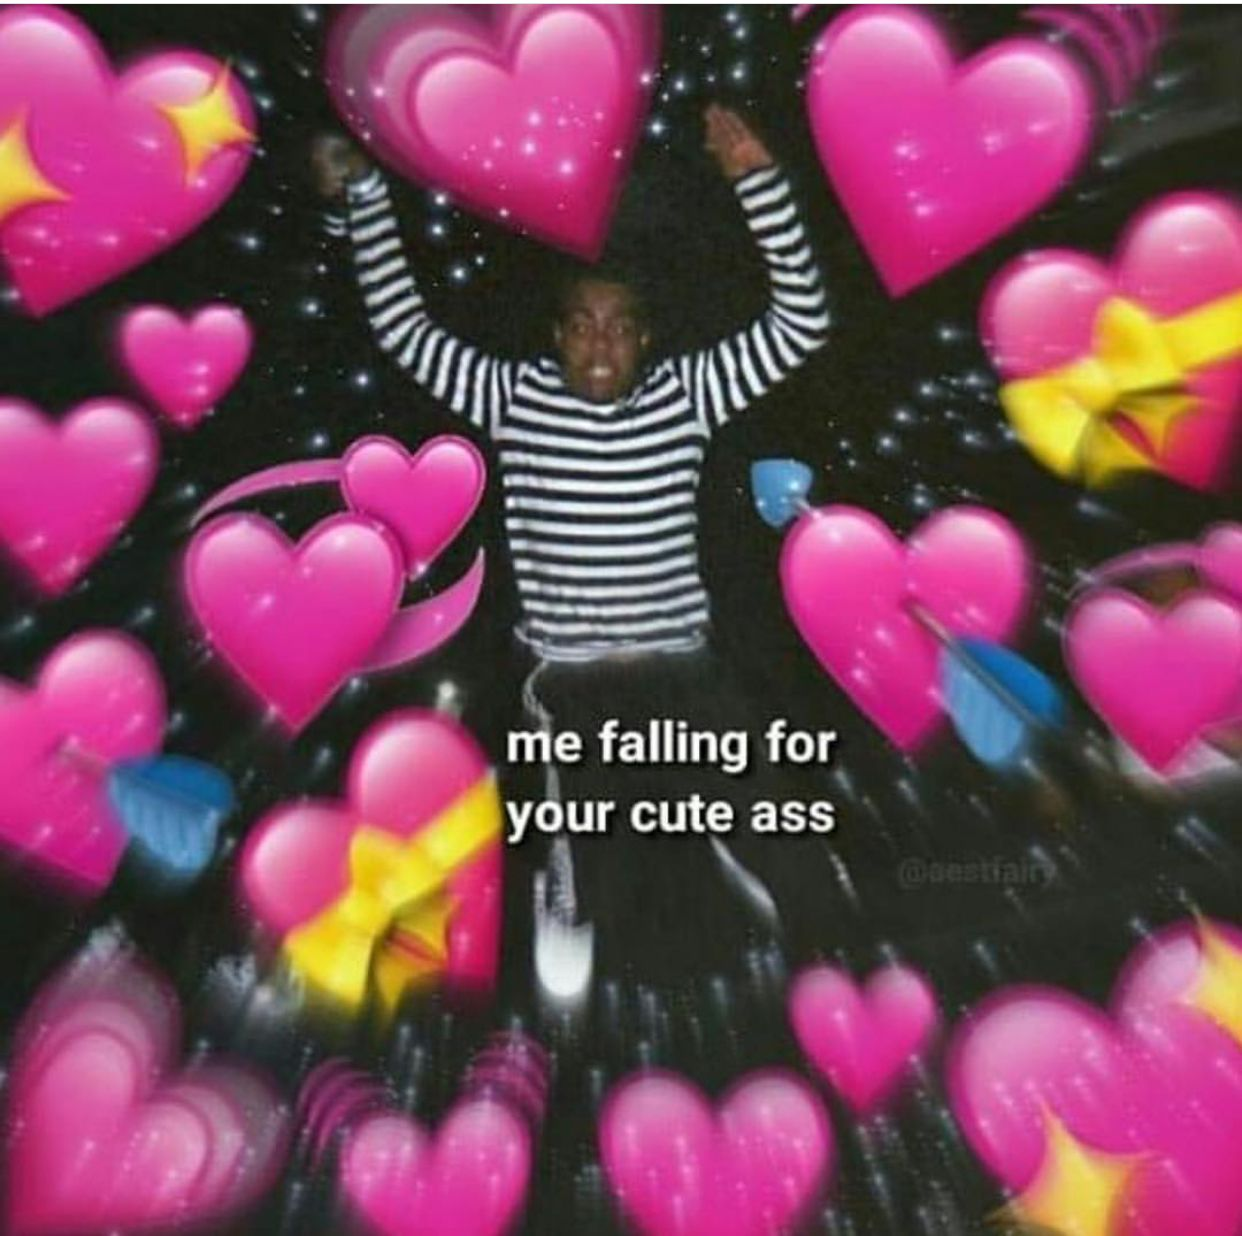 Pin By Shaun Vercase On Funny Memes Cute Love Memes Cute Memes